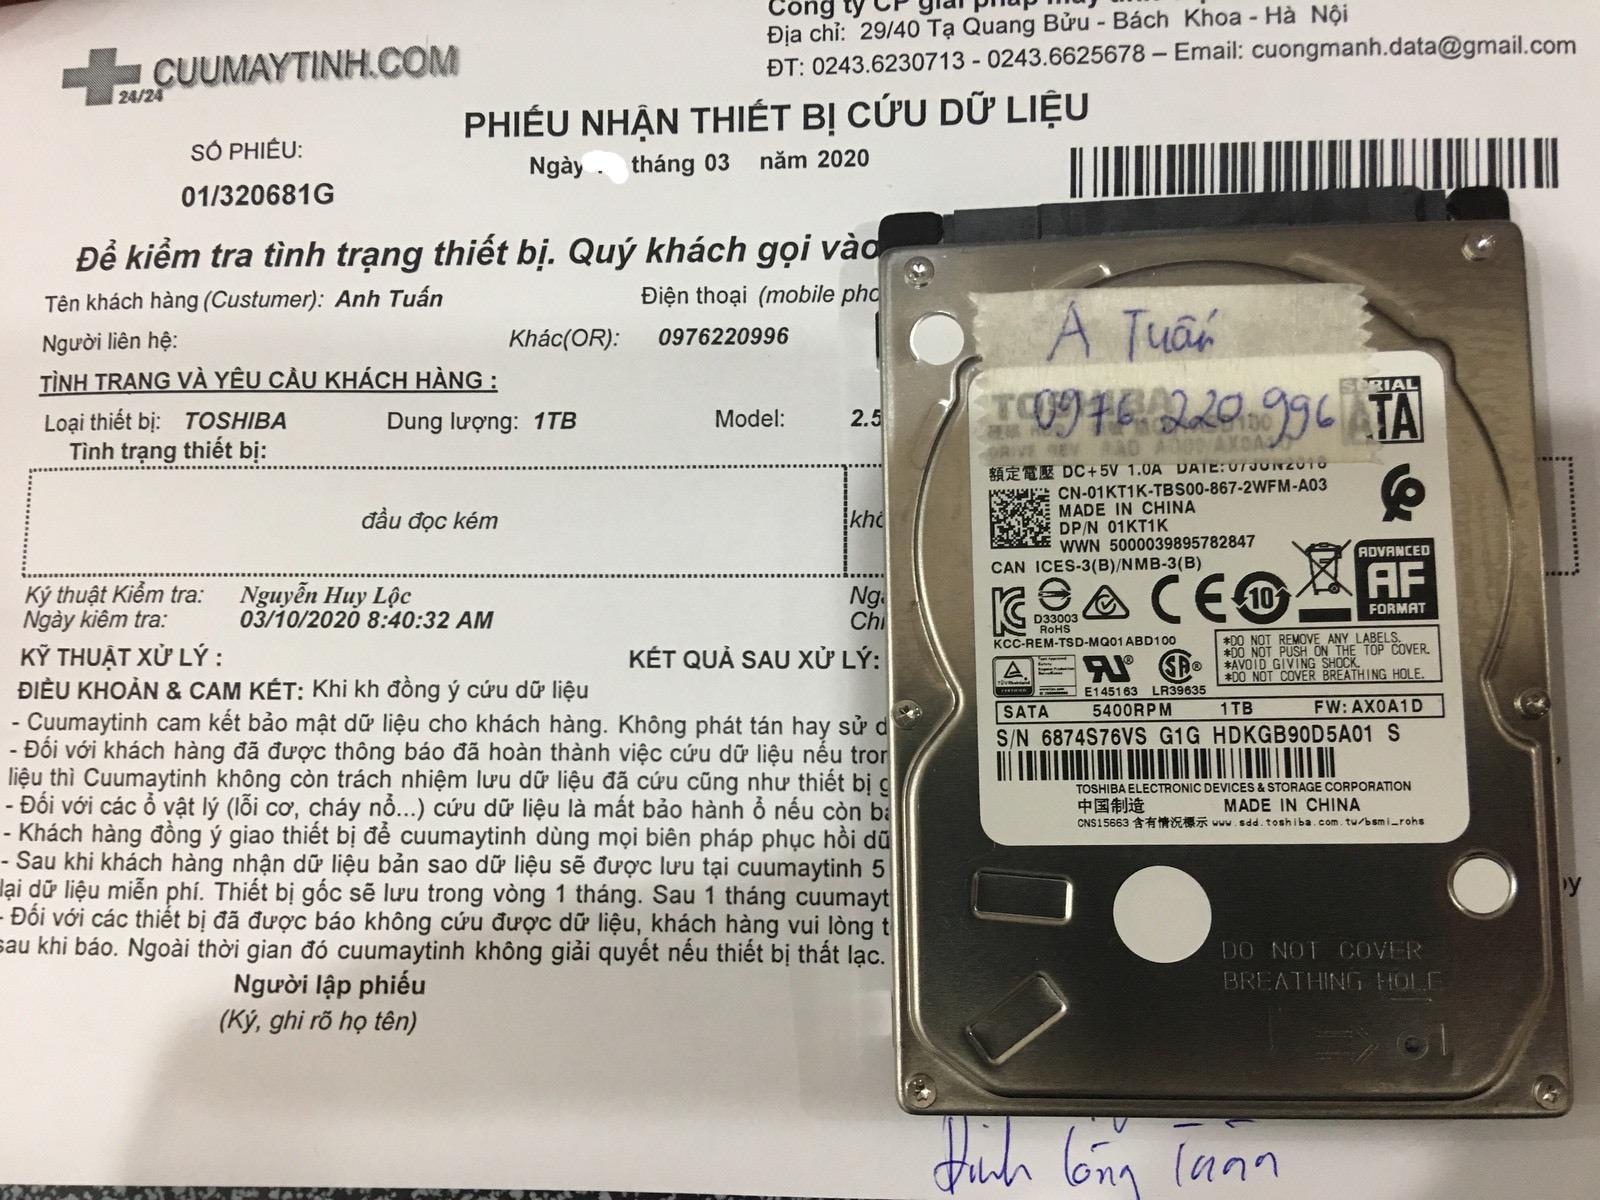 Lấy dữ liệu ổ cứng Toshiba 1TB đầu đọc kém 14/03/2020 - cuumaytinh